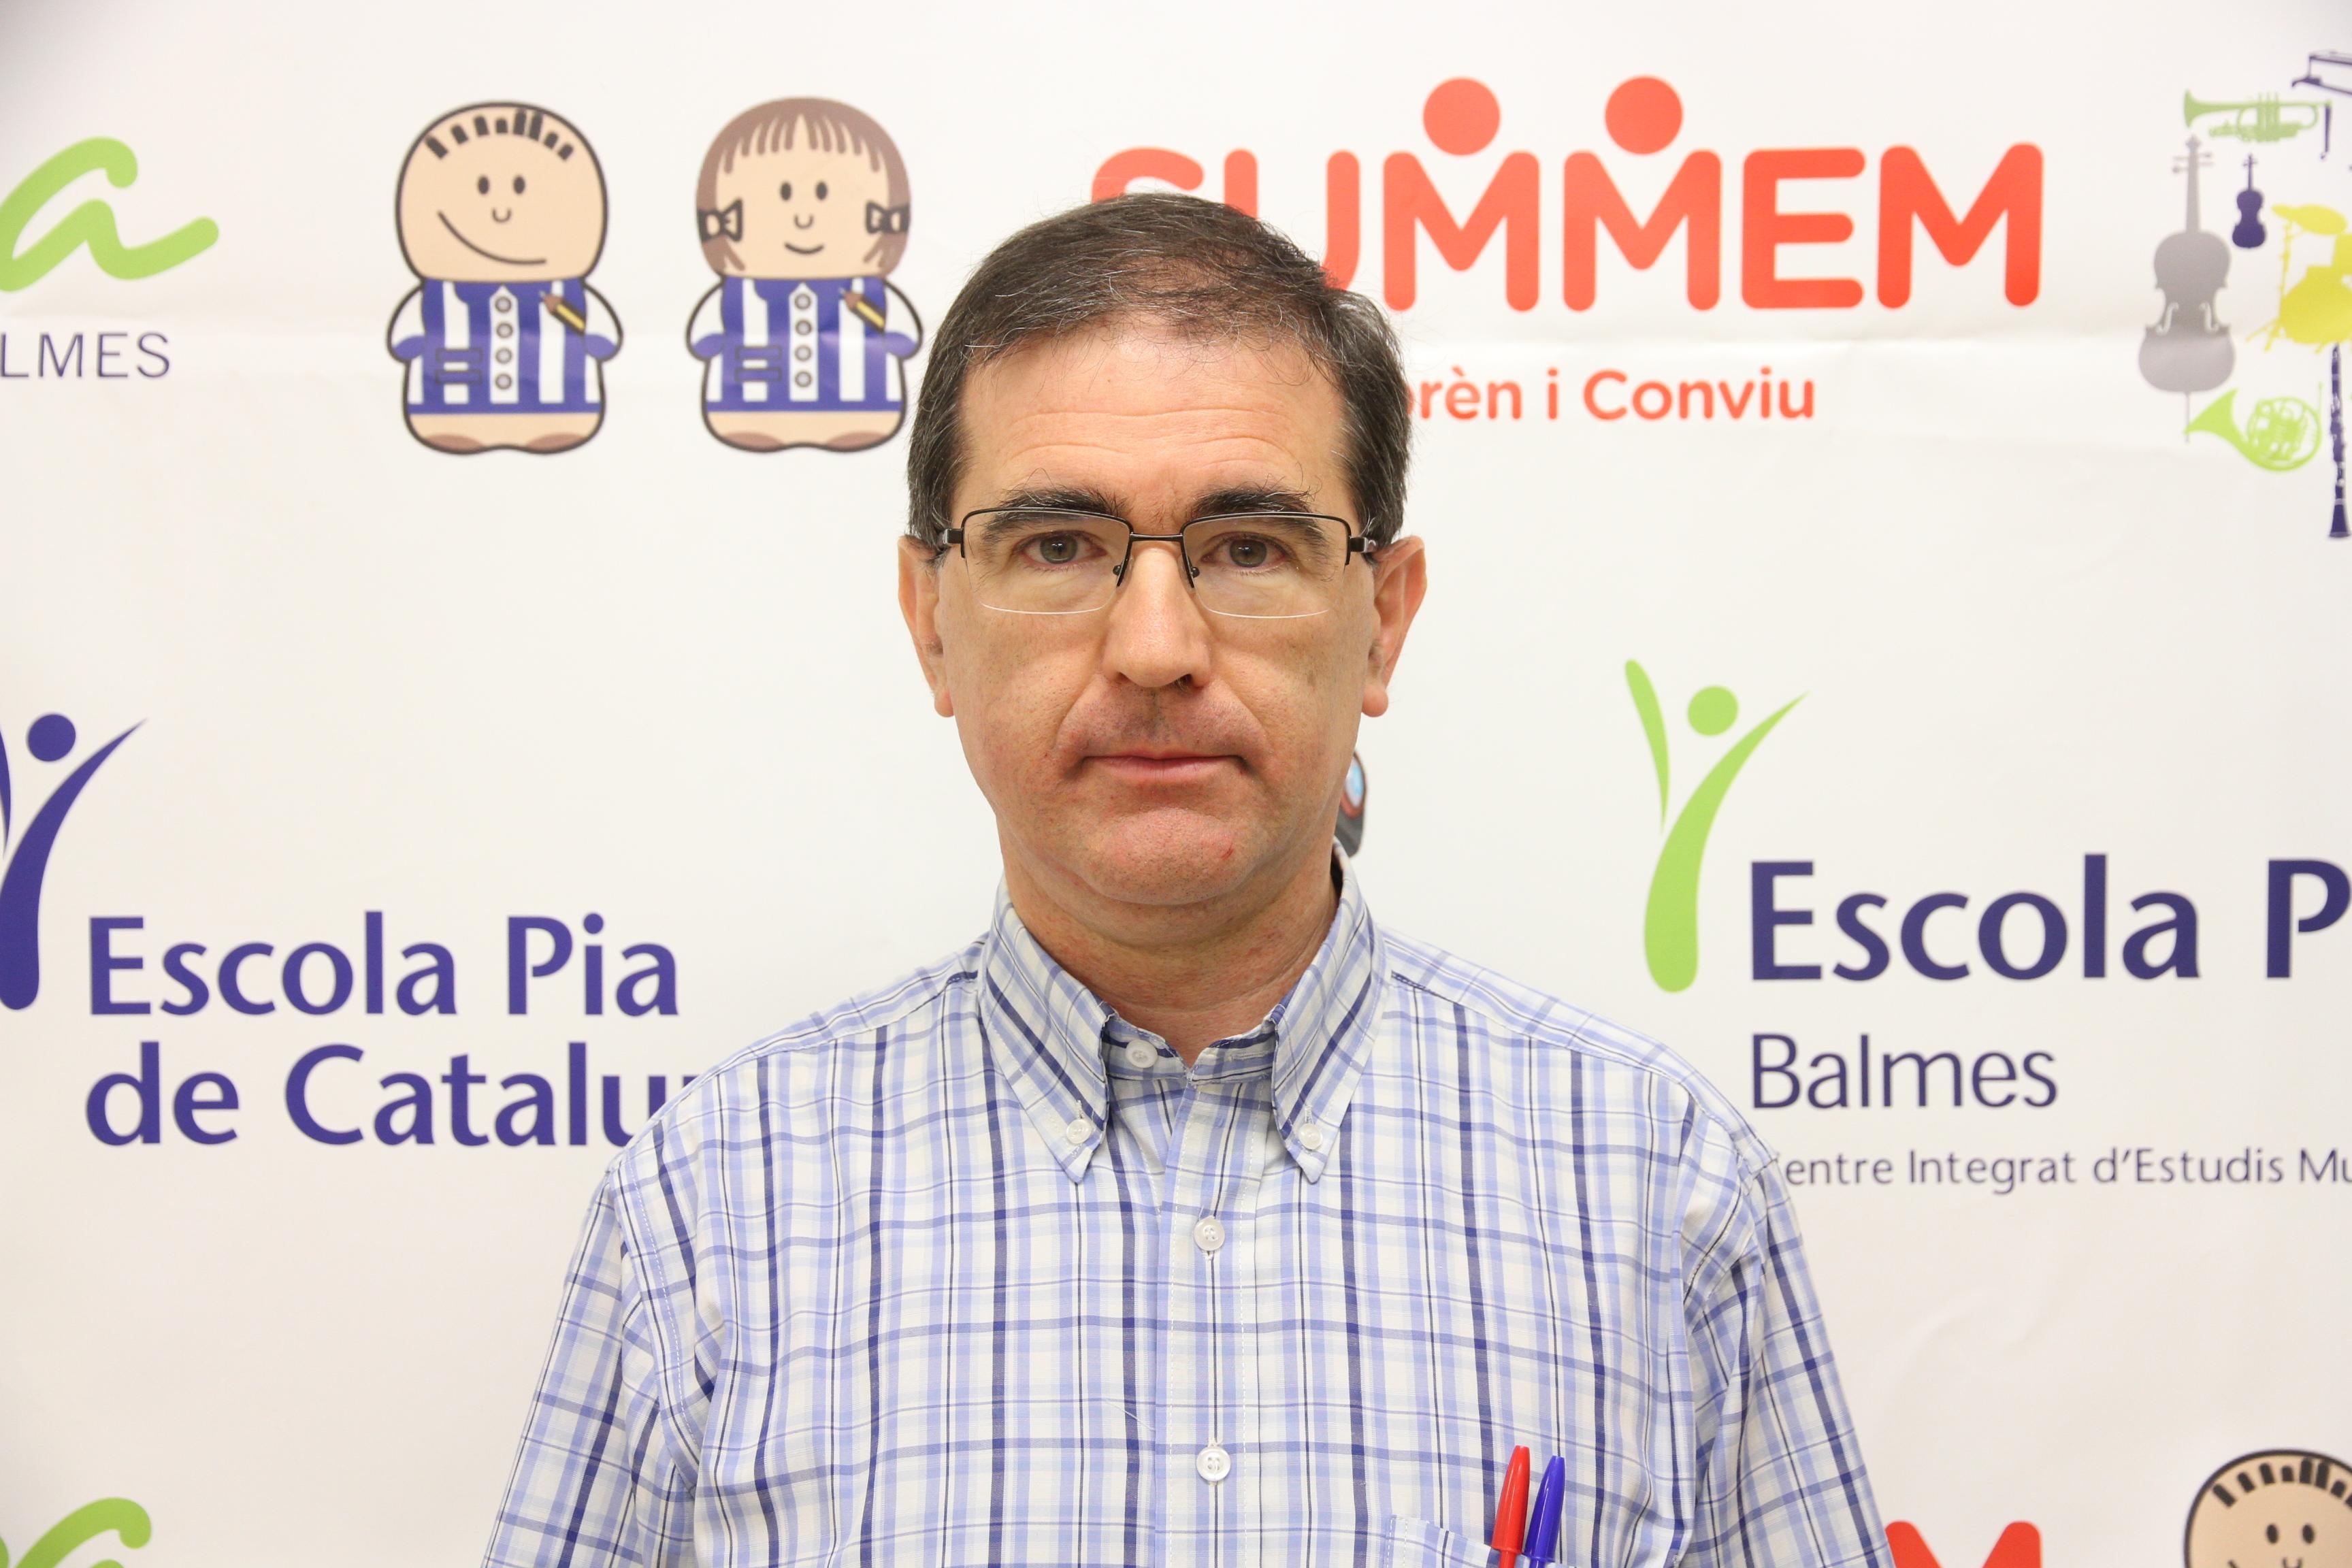 Lluís Ros